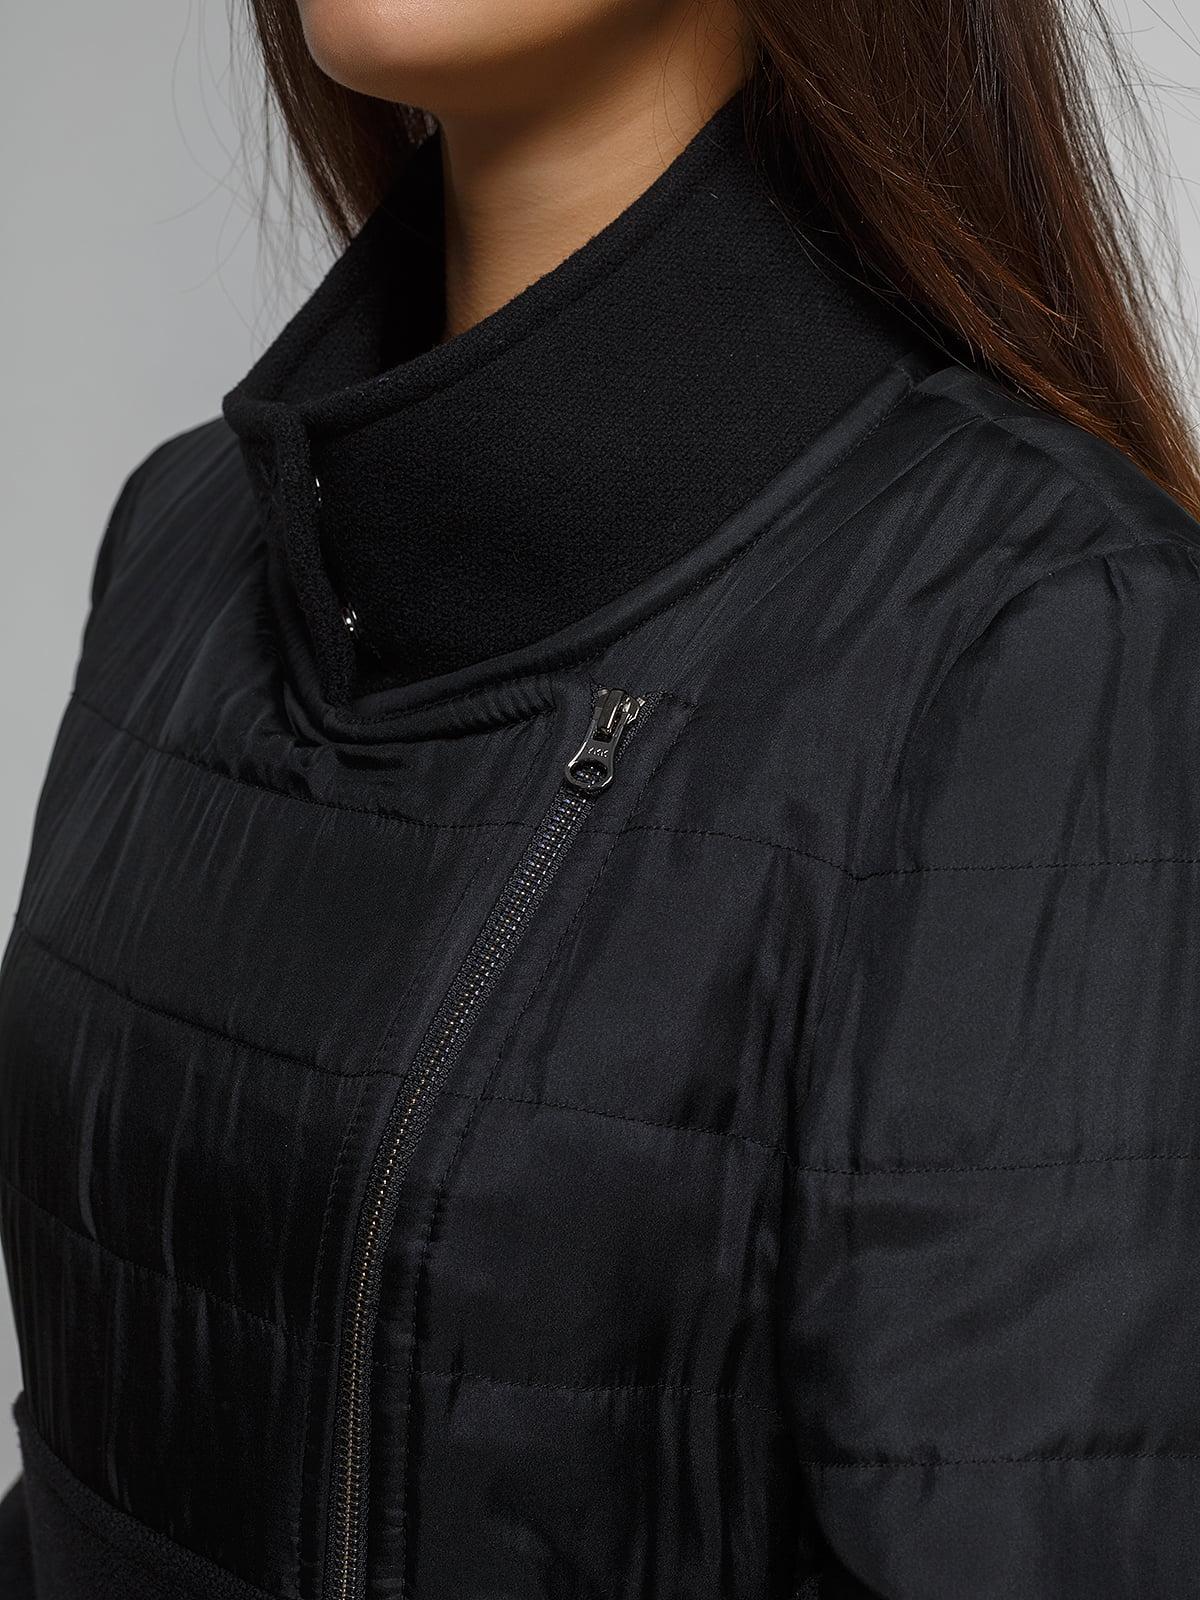 Пальто черное | 4653429 | фото 4